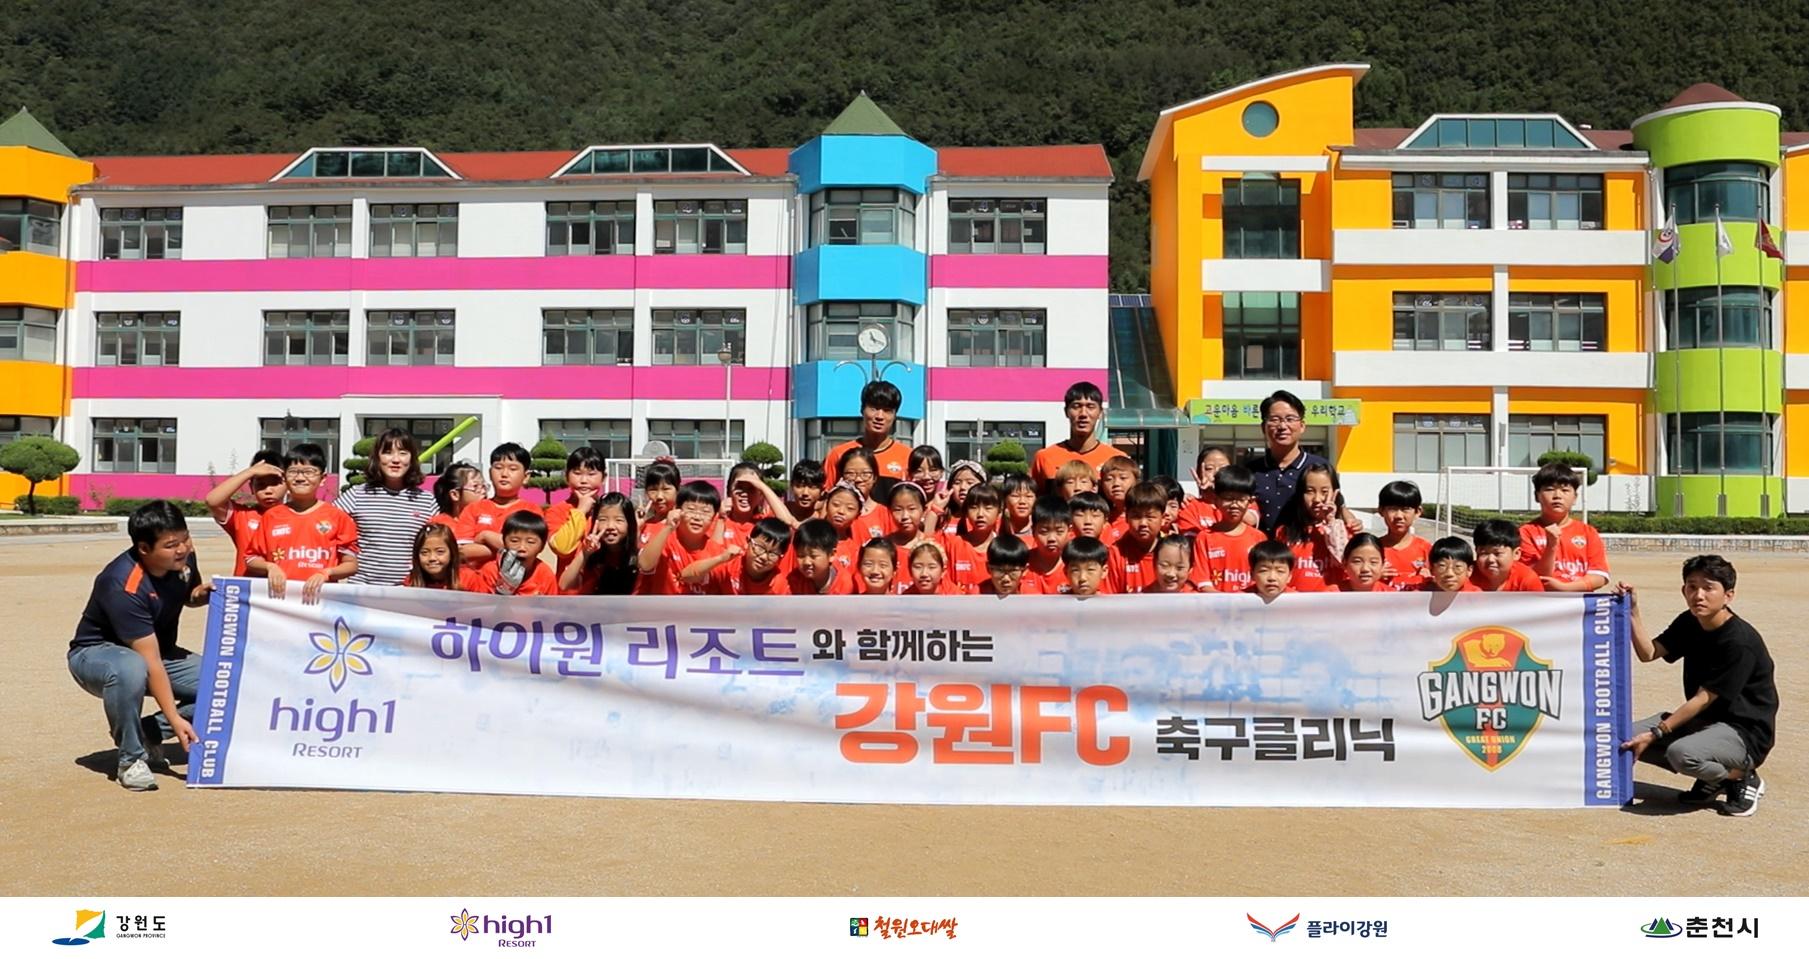 강원FC, 하이원리조트와 함께하는 축구 클리닉 진행